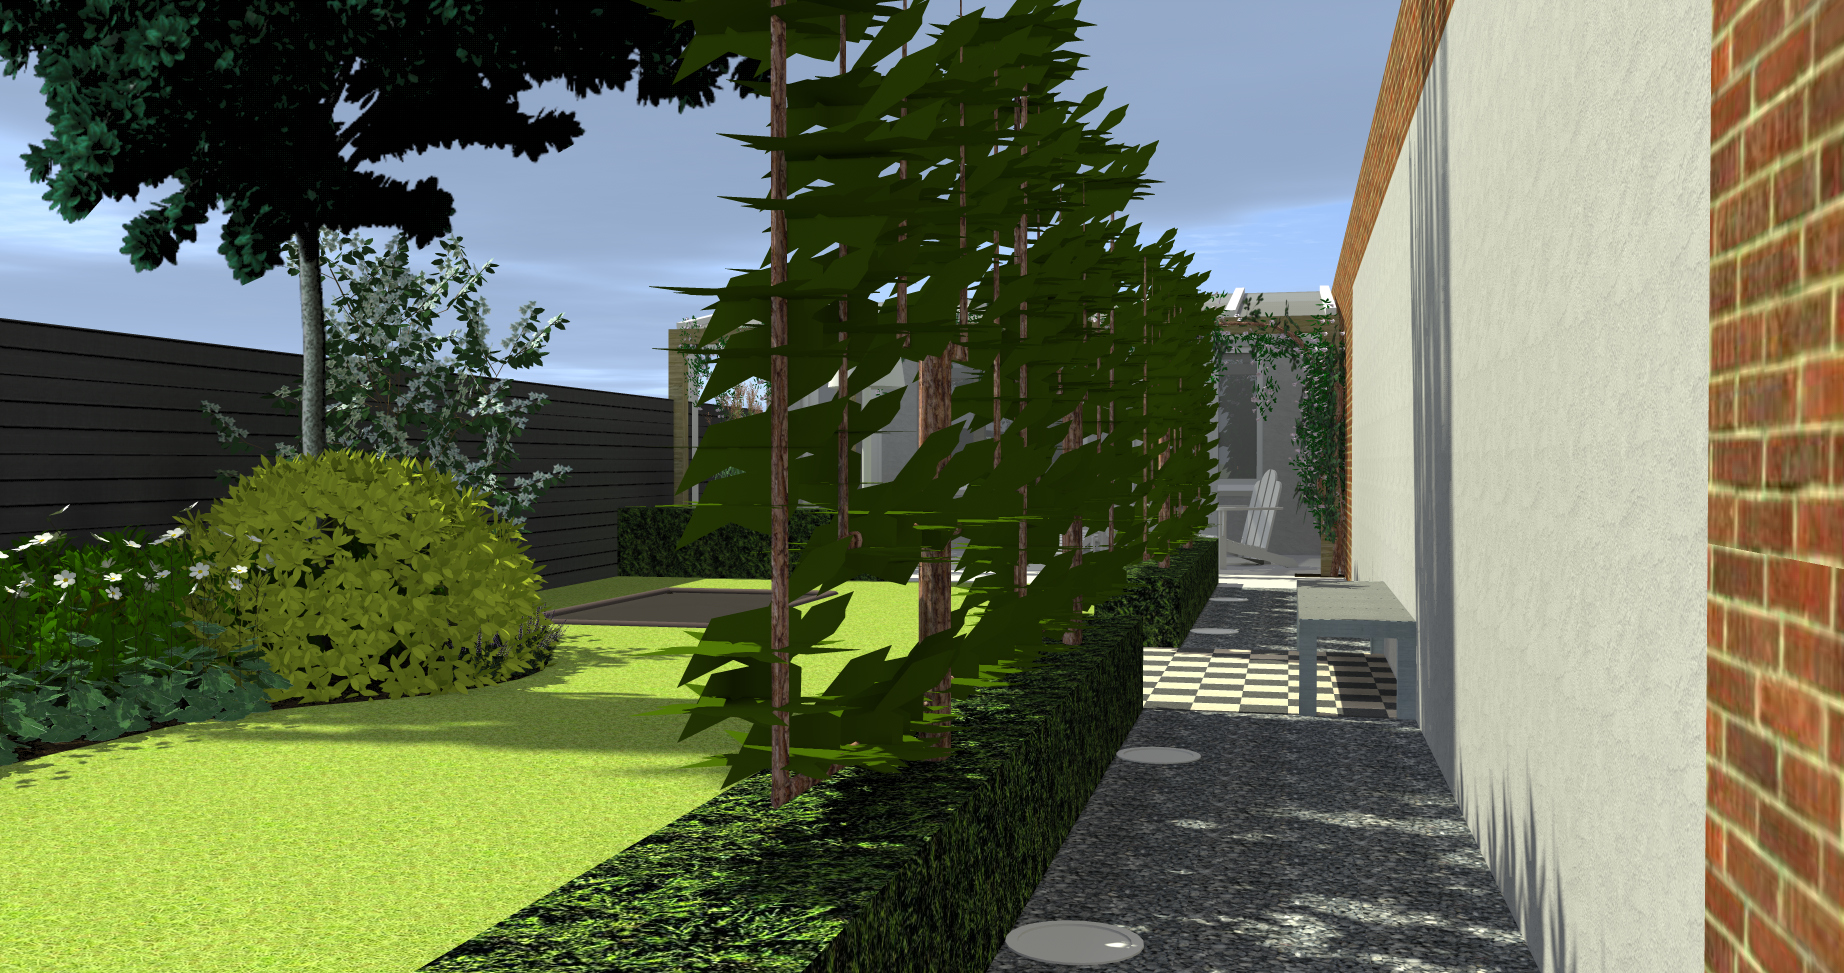 Kindvriendelijke Tuin Ideeen : Doormichiel u visual kindvriendelijke tuin u stek